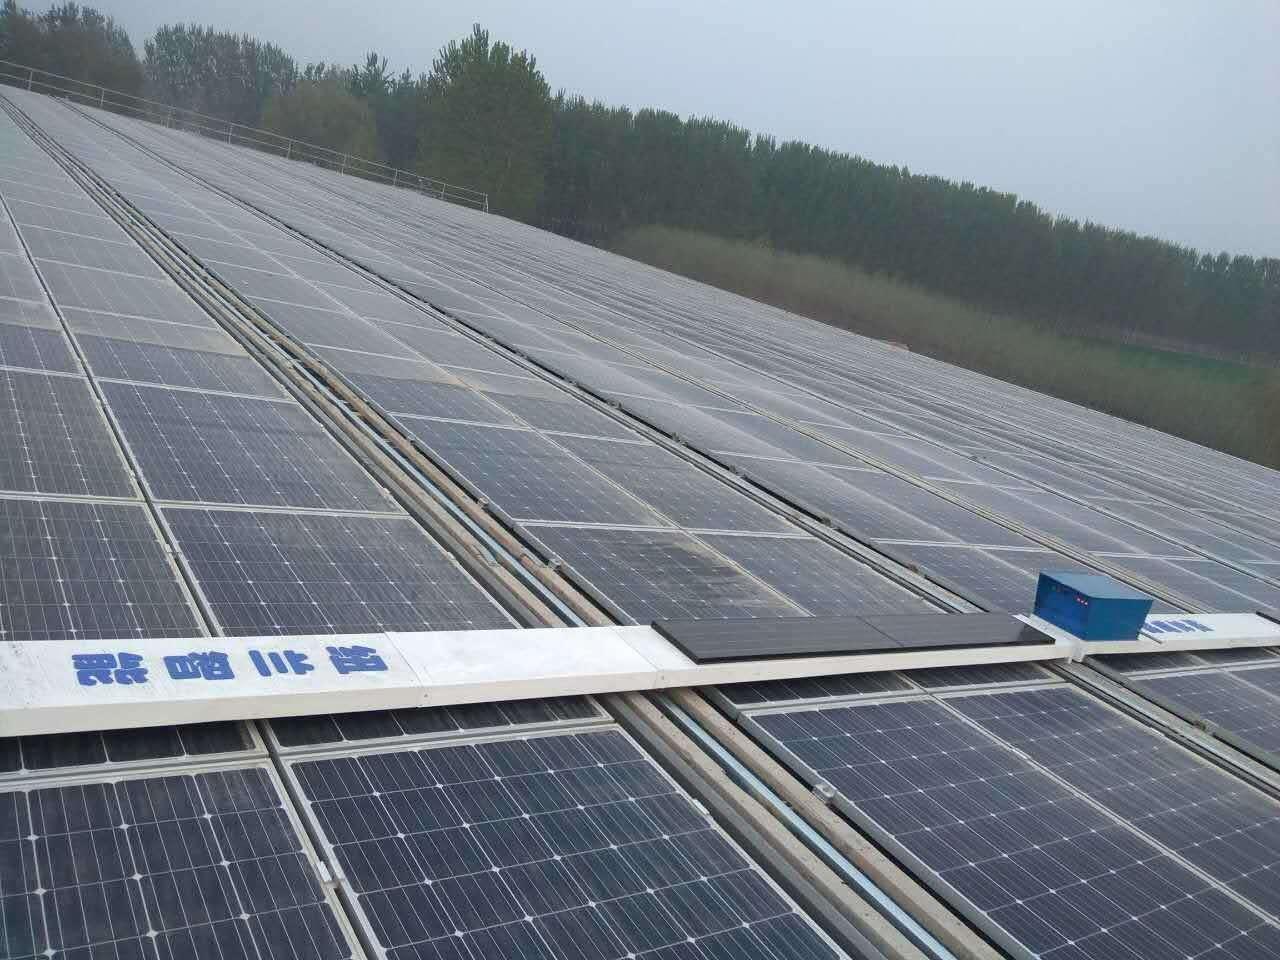 聊城屋顶光伏电站